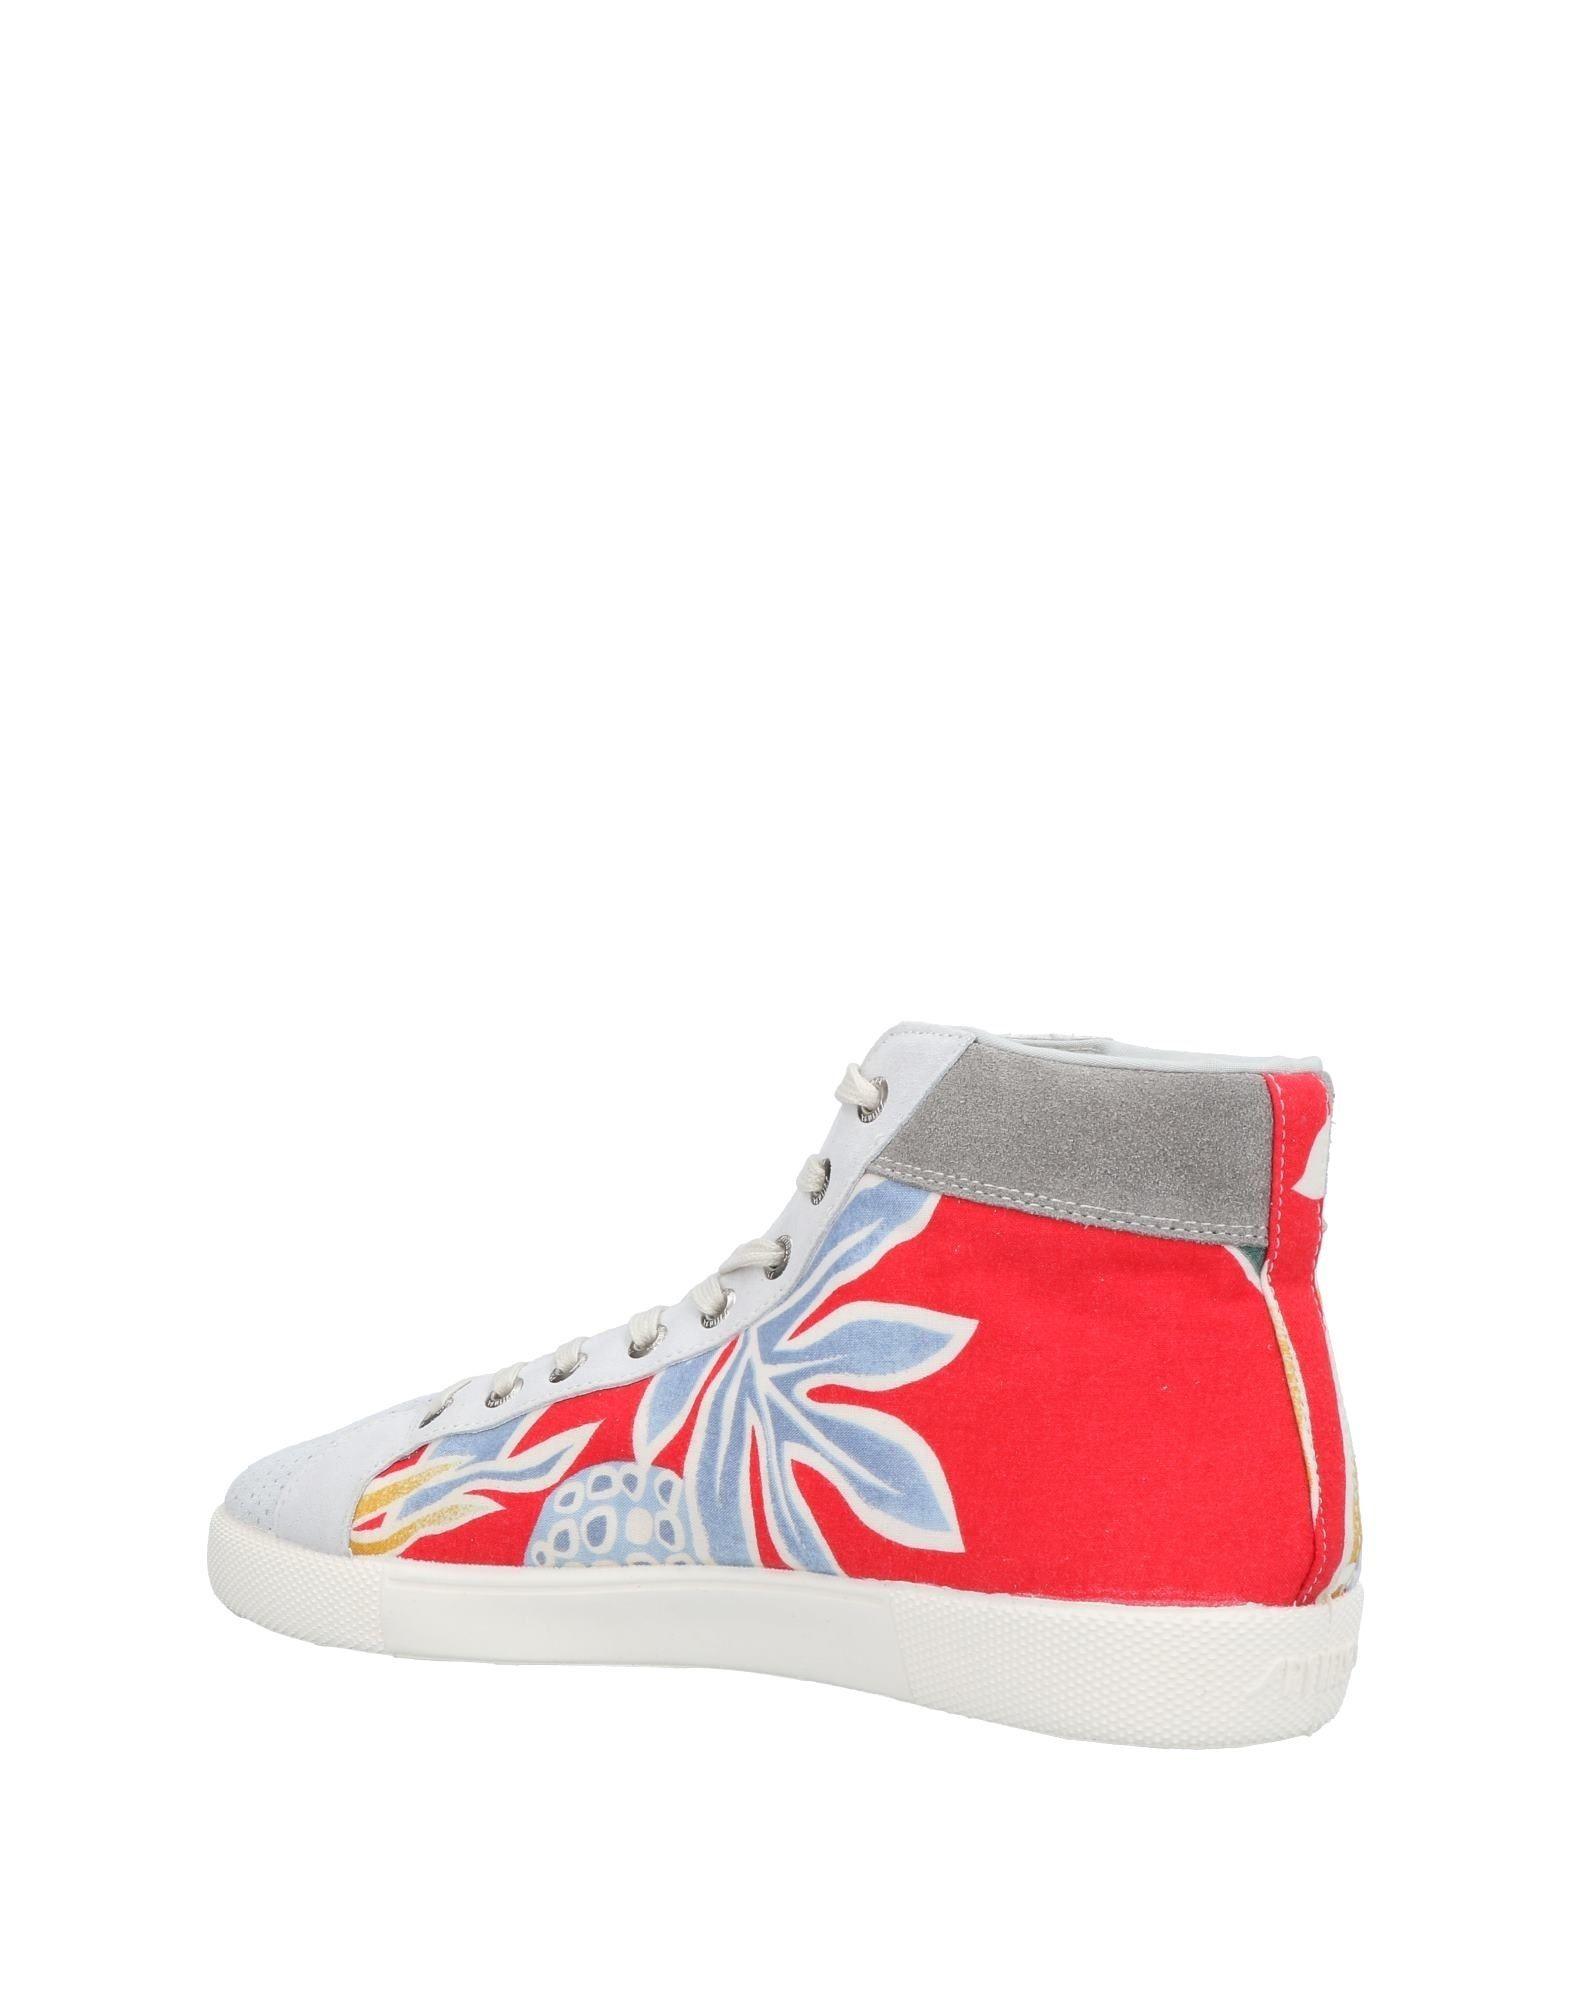 Scarpe Scarpe Scarpe economiche e resistenti Sneakers Springa Uomo - 11451289JN 6539e7